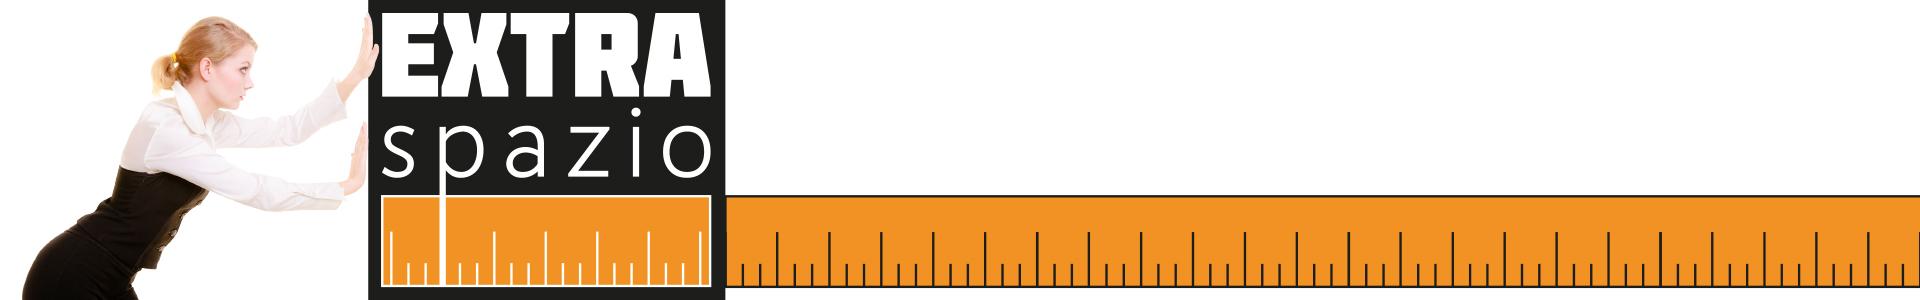 Extra Spazio Savona e Vado Ligure | Self Storage All Inclusive a Vado Ligure per Aziende & Privati Box, Depositi, Magazzini In Affitto | Deposito mobili costo Vado Ligure